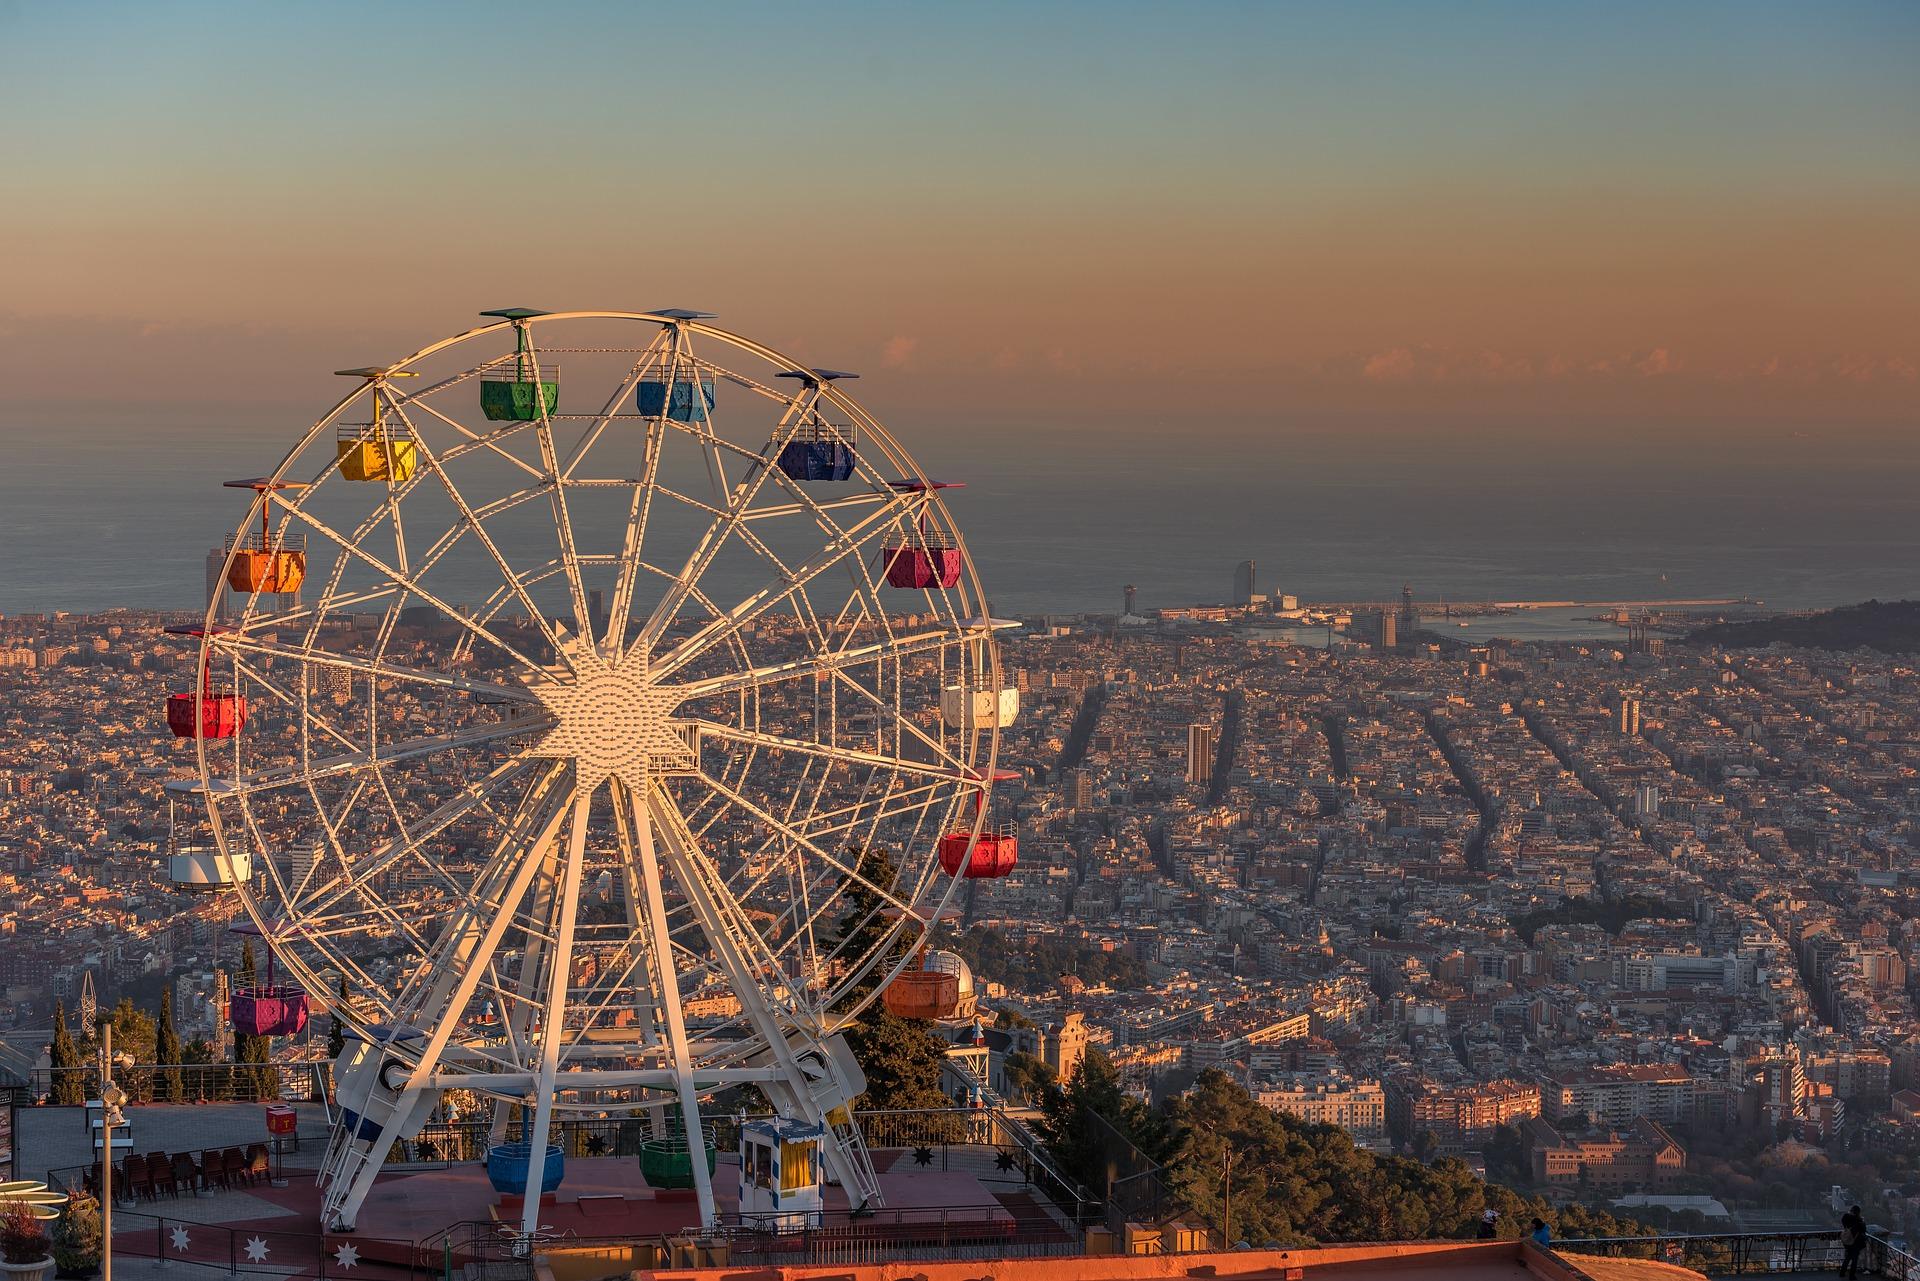 imagen de Capa de polución sobre la ciudad de Barcelona. Foto: Pixabay